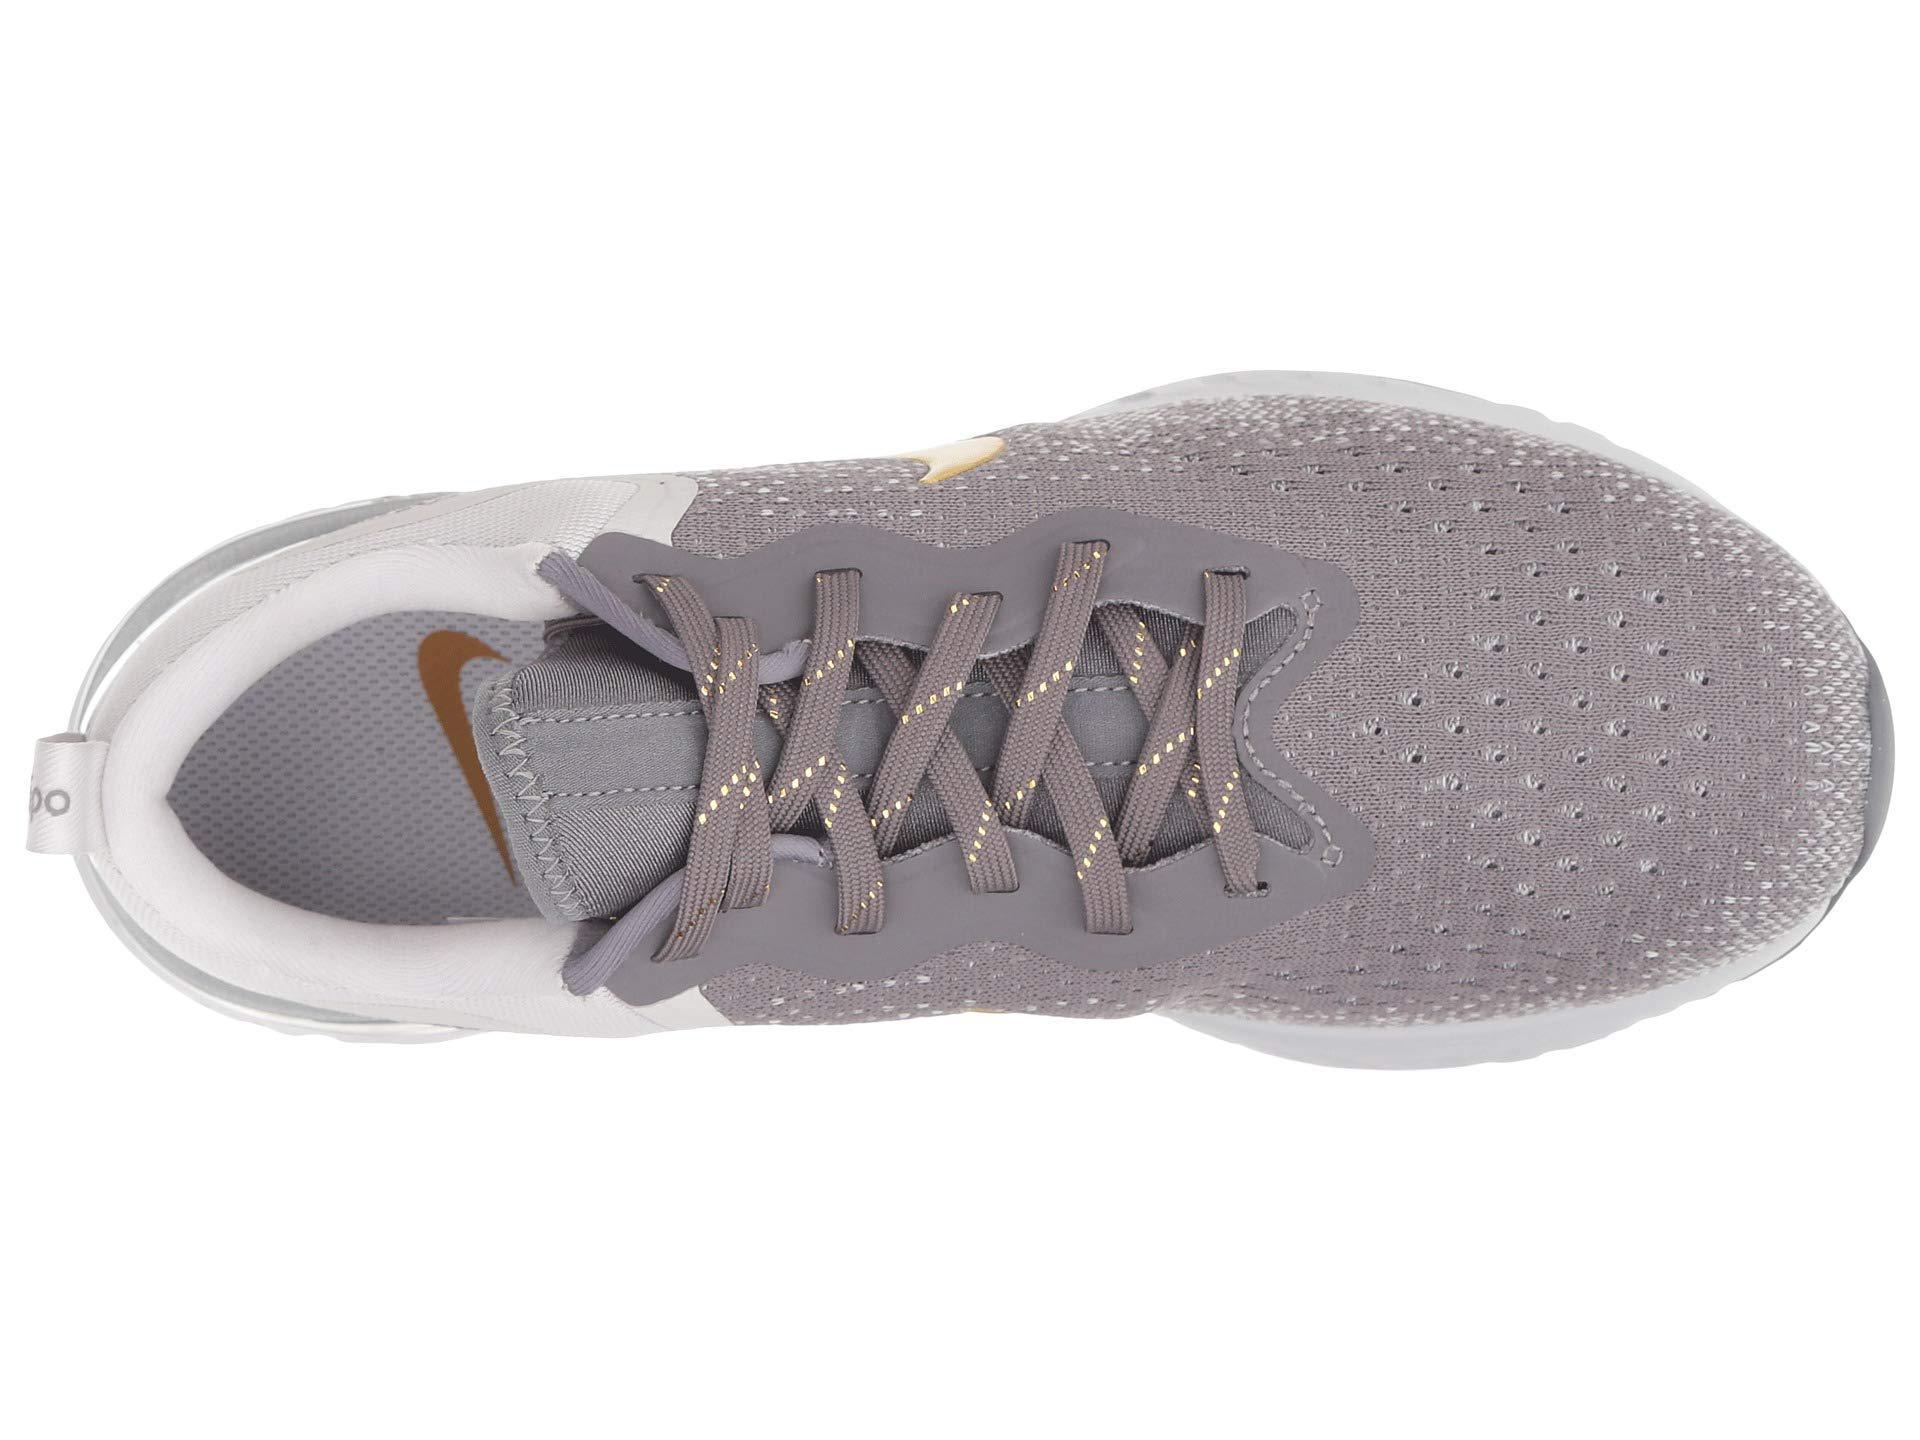 Nike Rubber Odyssey React Premium